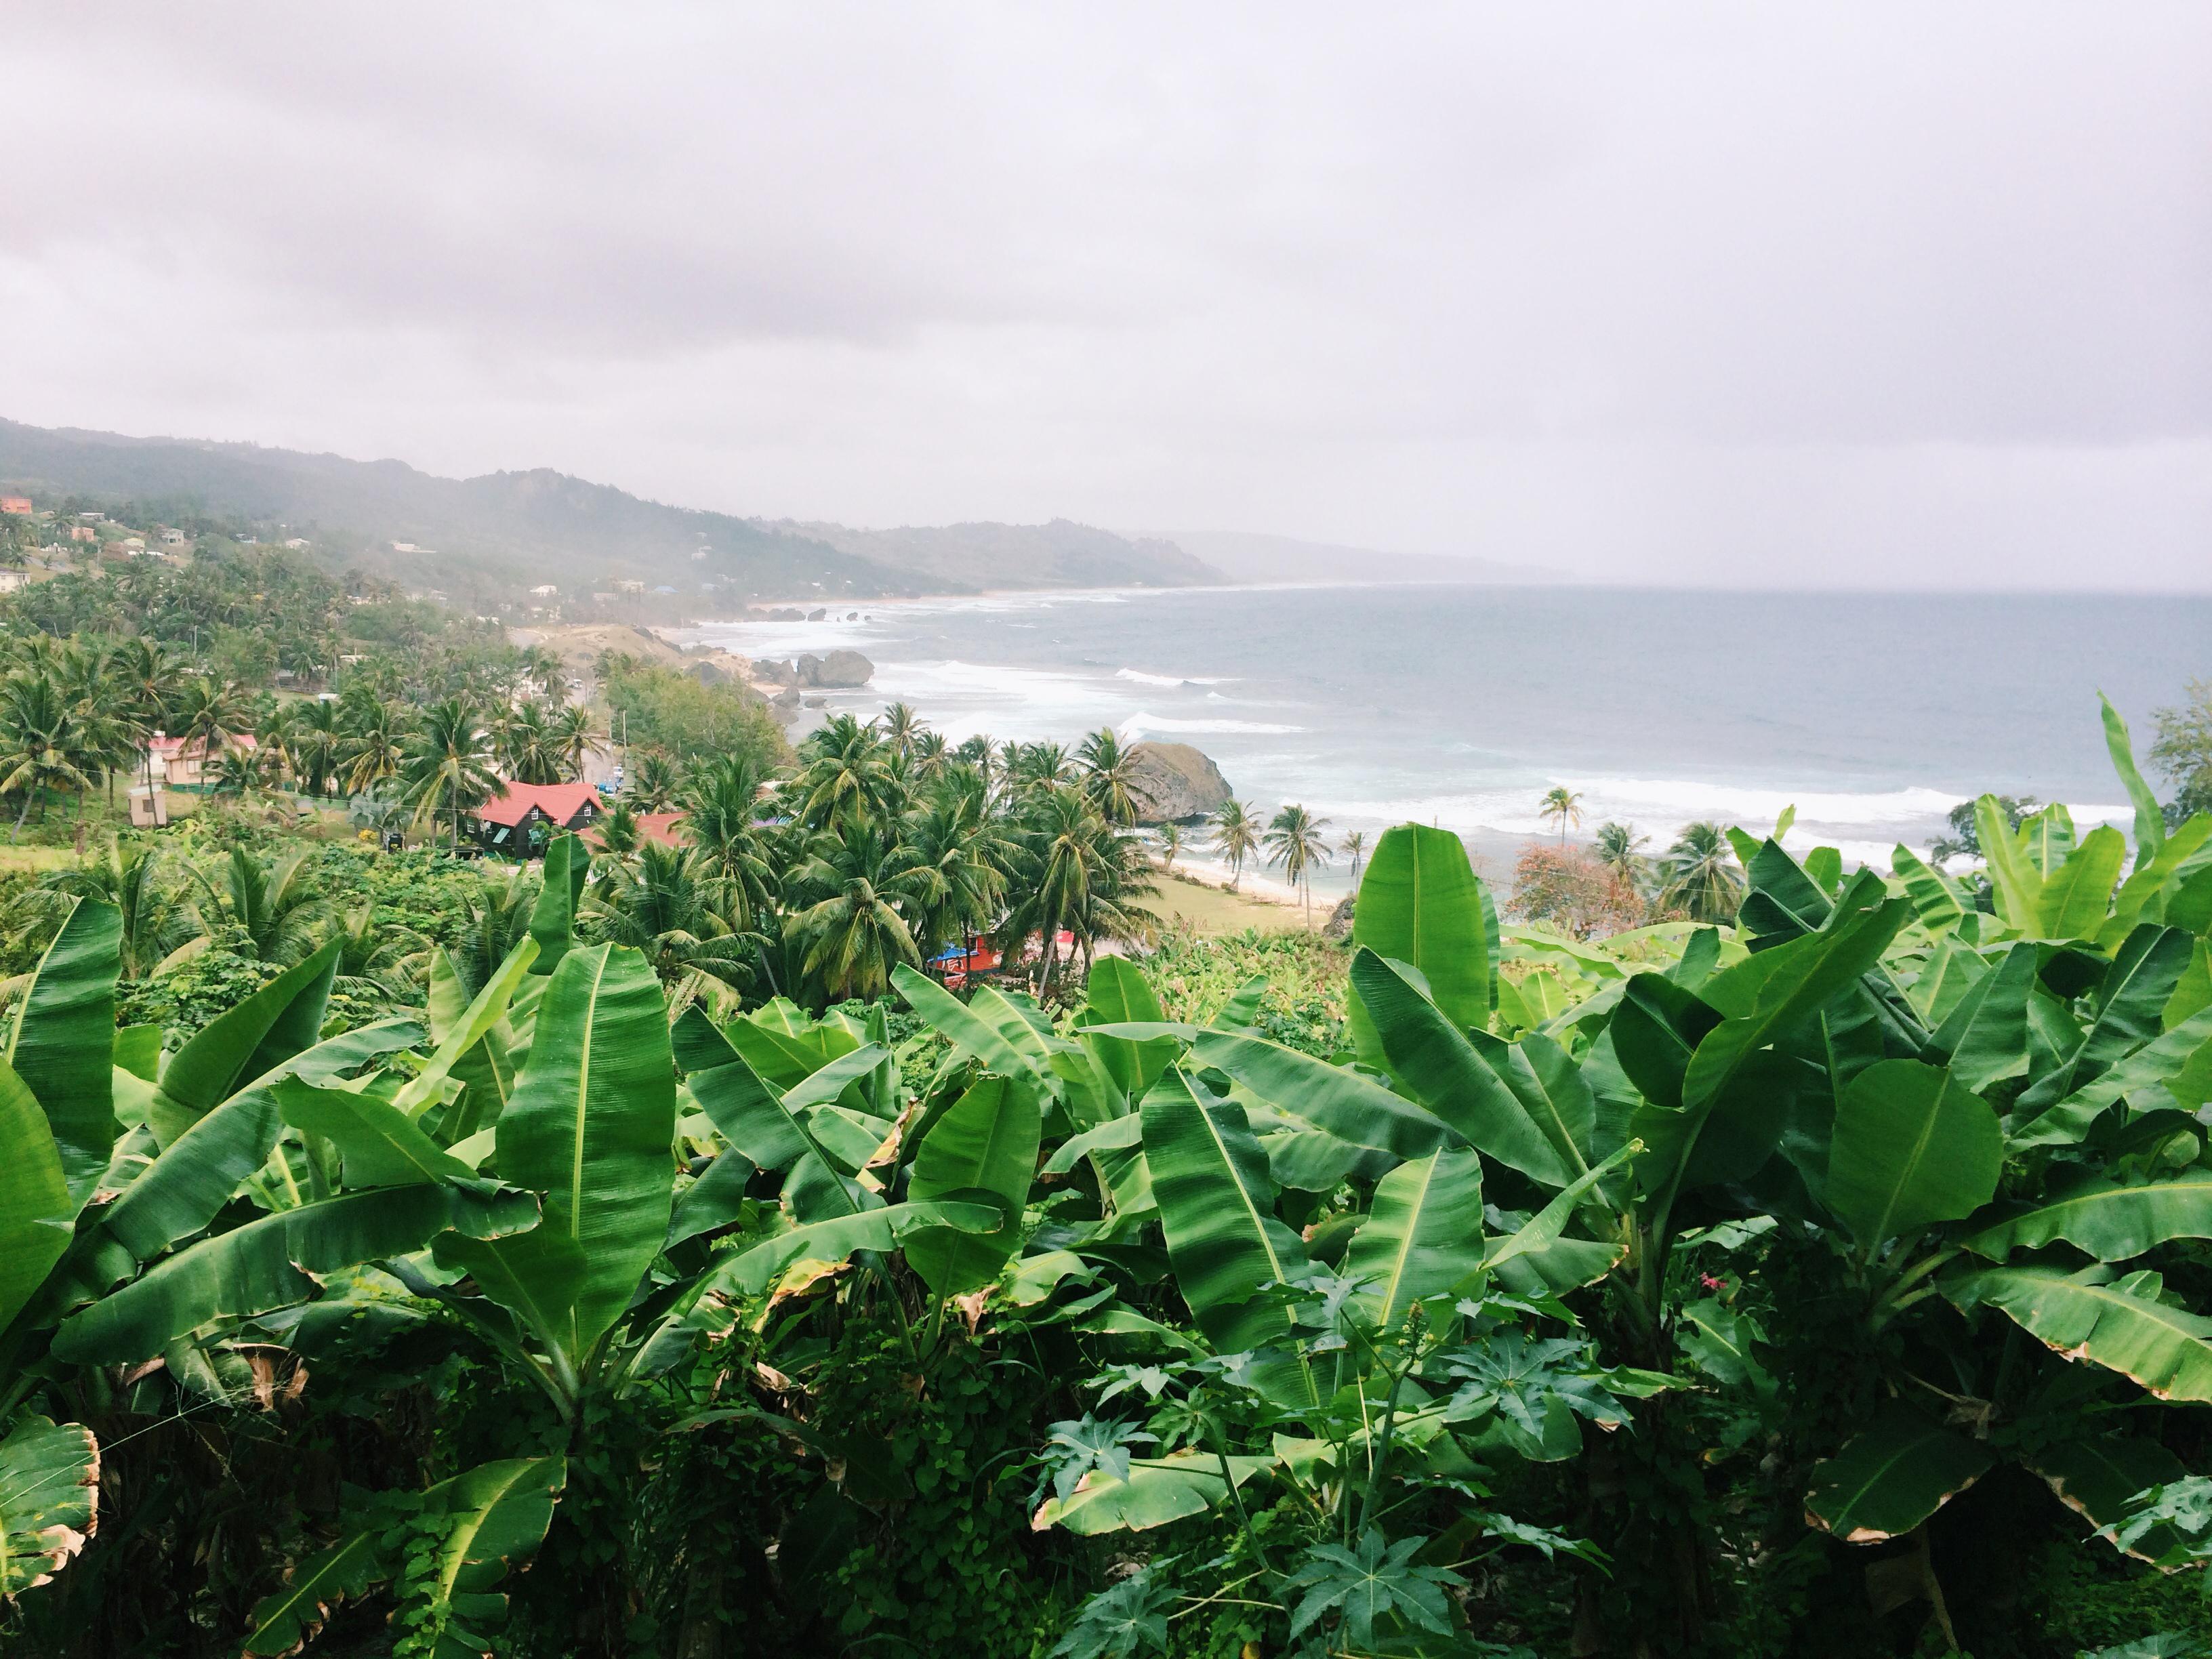 view over the bay at Bathsheba Barbados